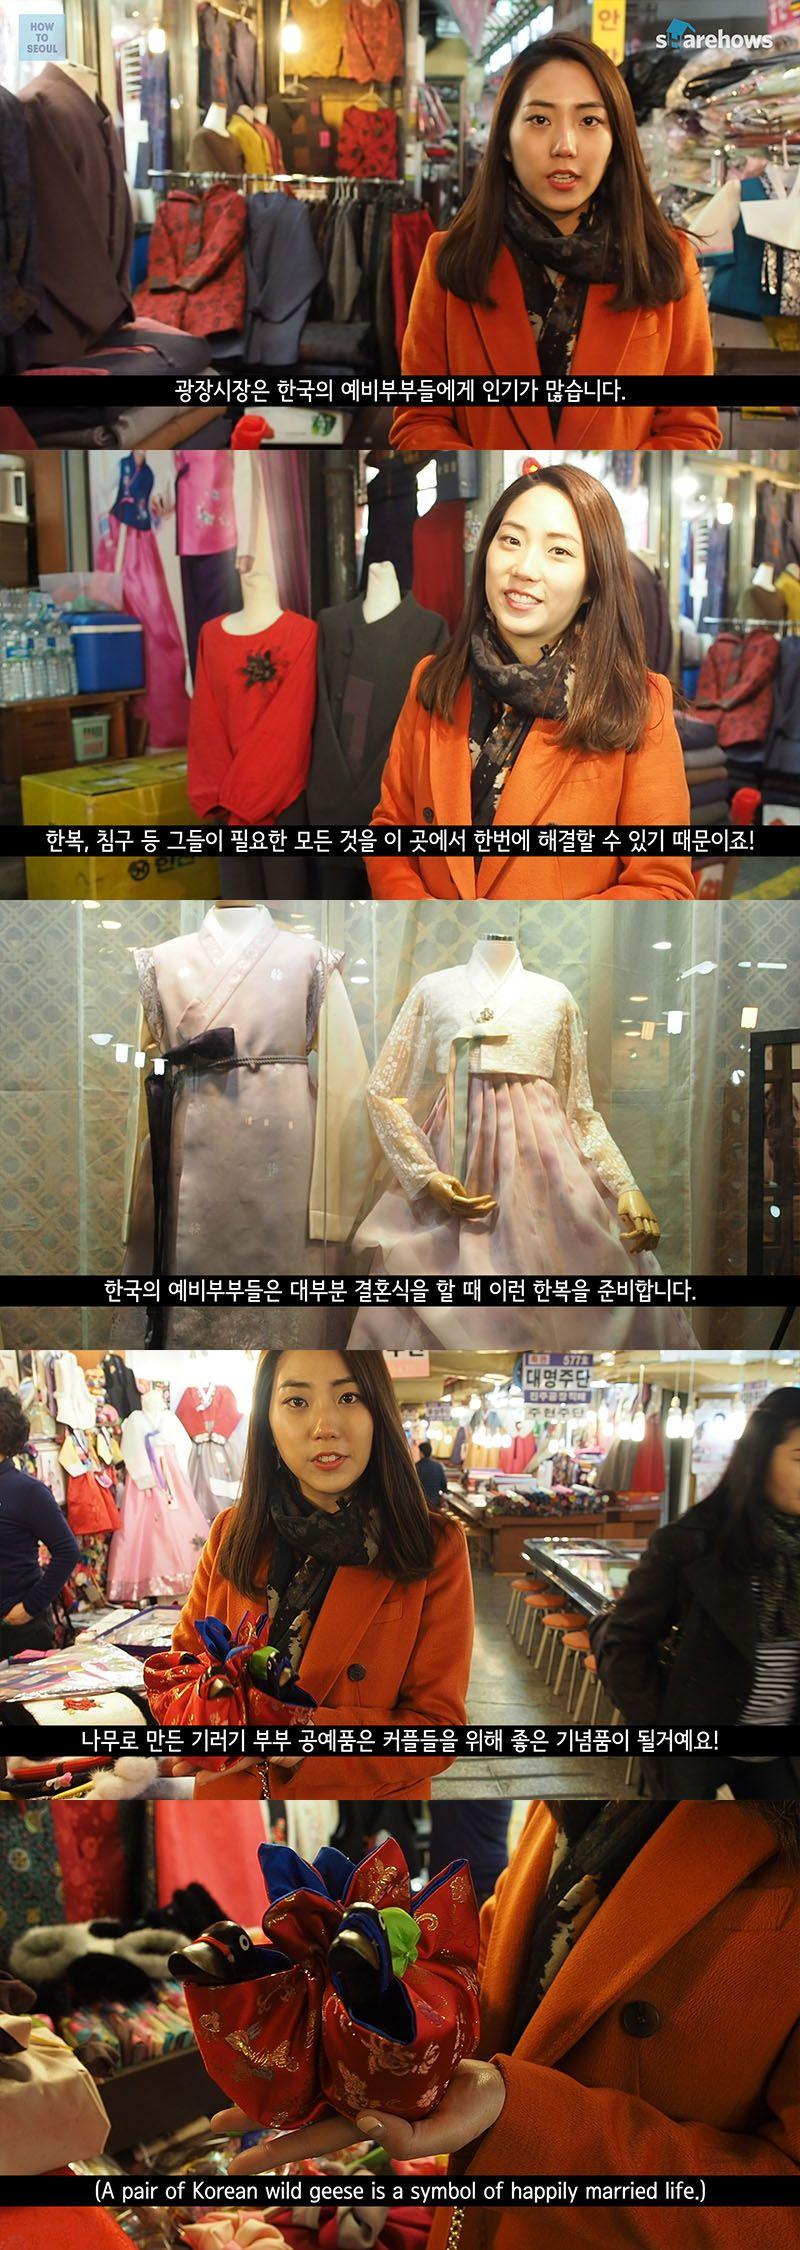 gwangjang-market-05